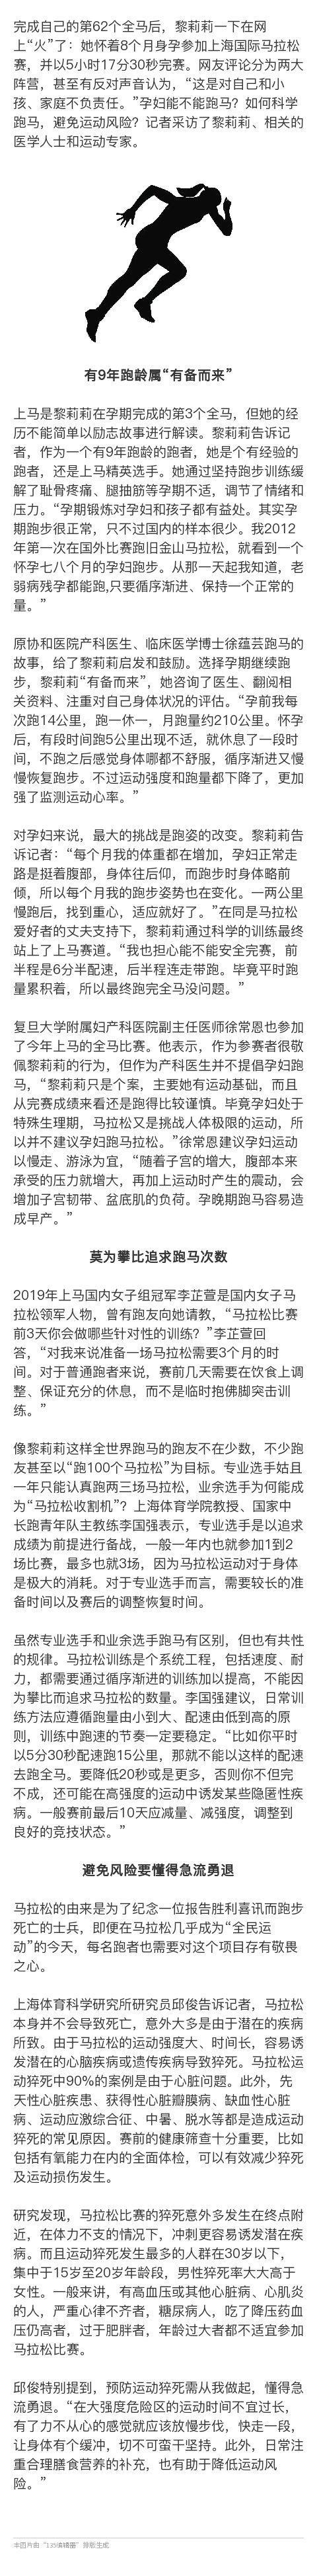 外汇局王春英就2019年11月份外汇收支形势答记者问